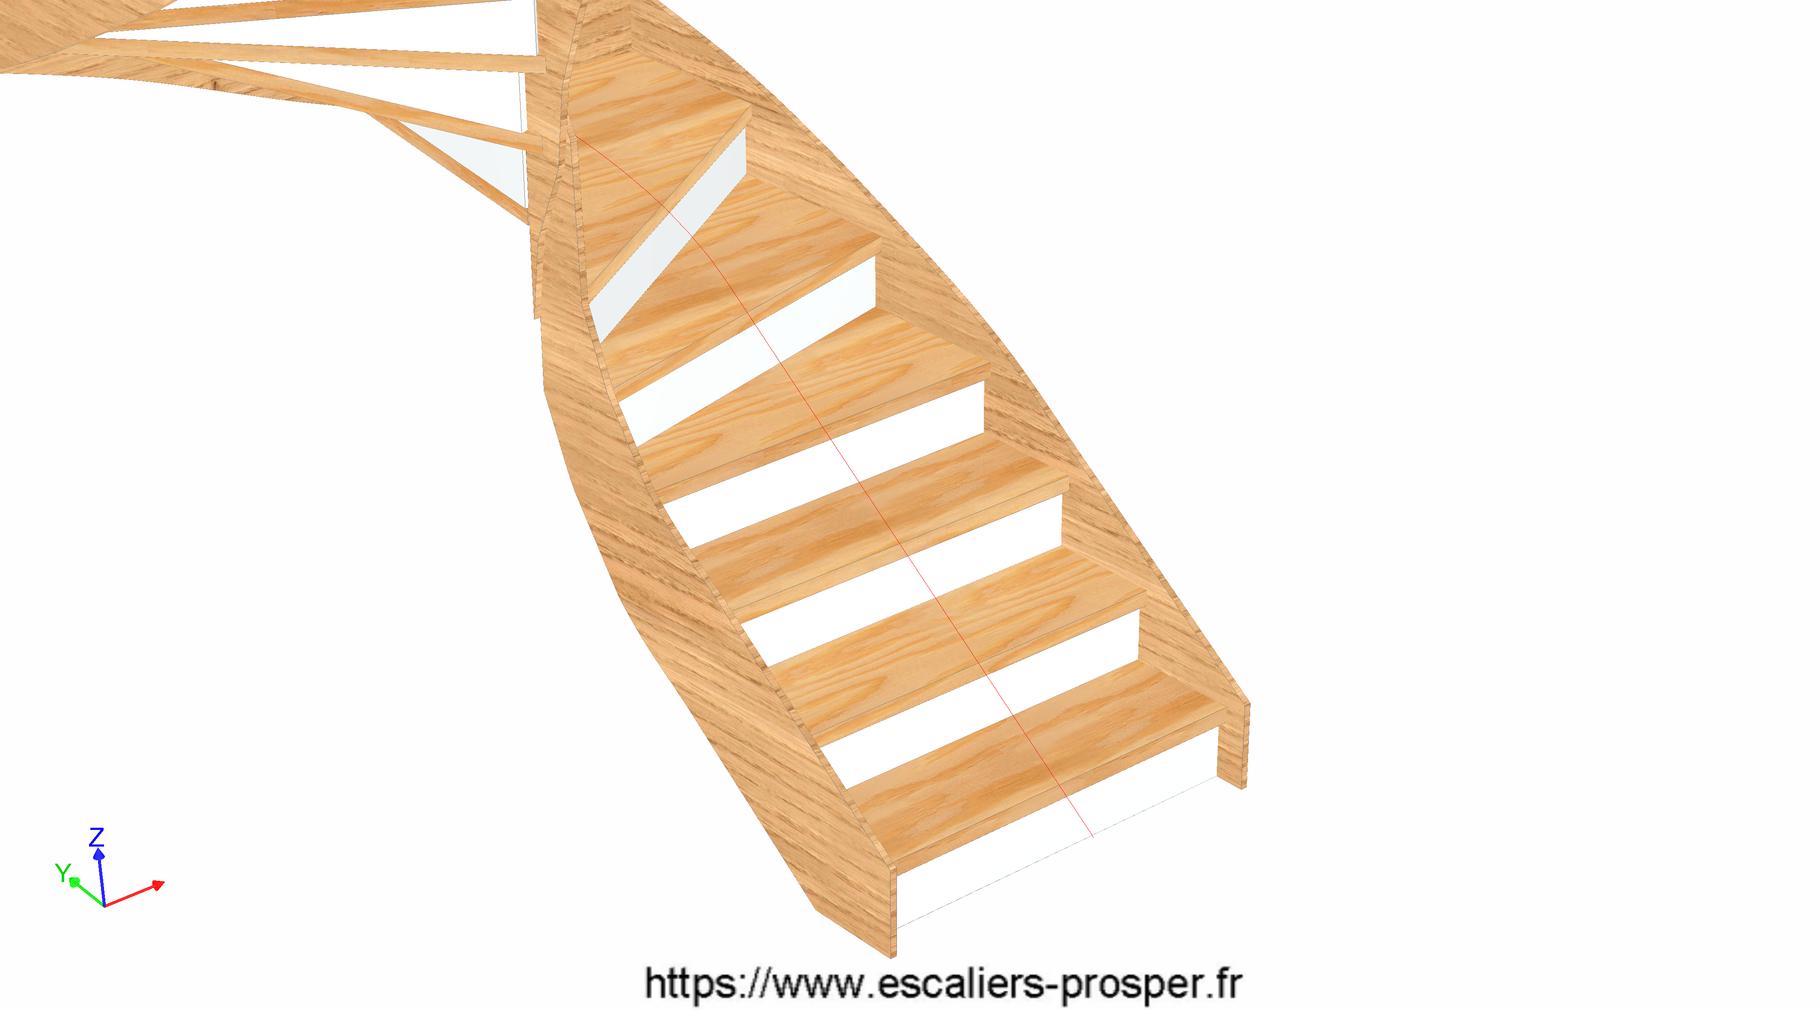 habillage bois d 39 un escalier b ton e15 102 escaliers prosper sp cialiste de la conception. Black Bedroom Furniture Sets. Home Design Ideas